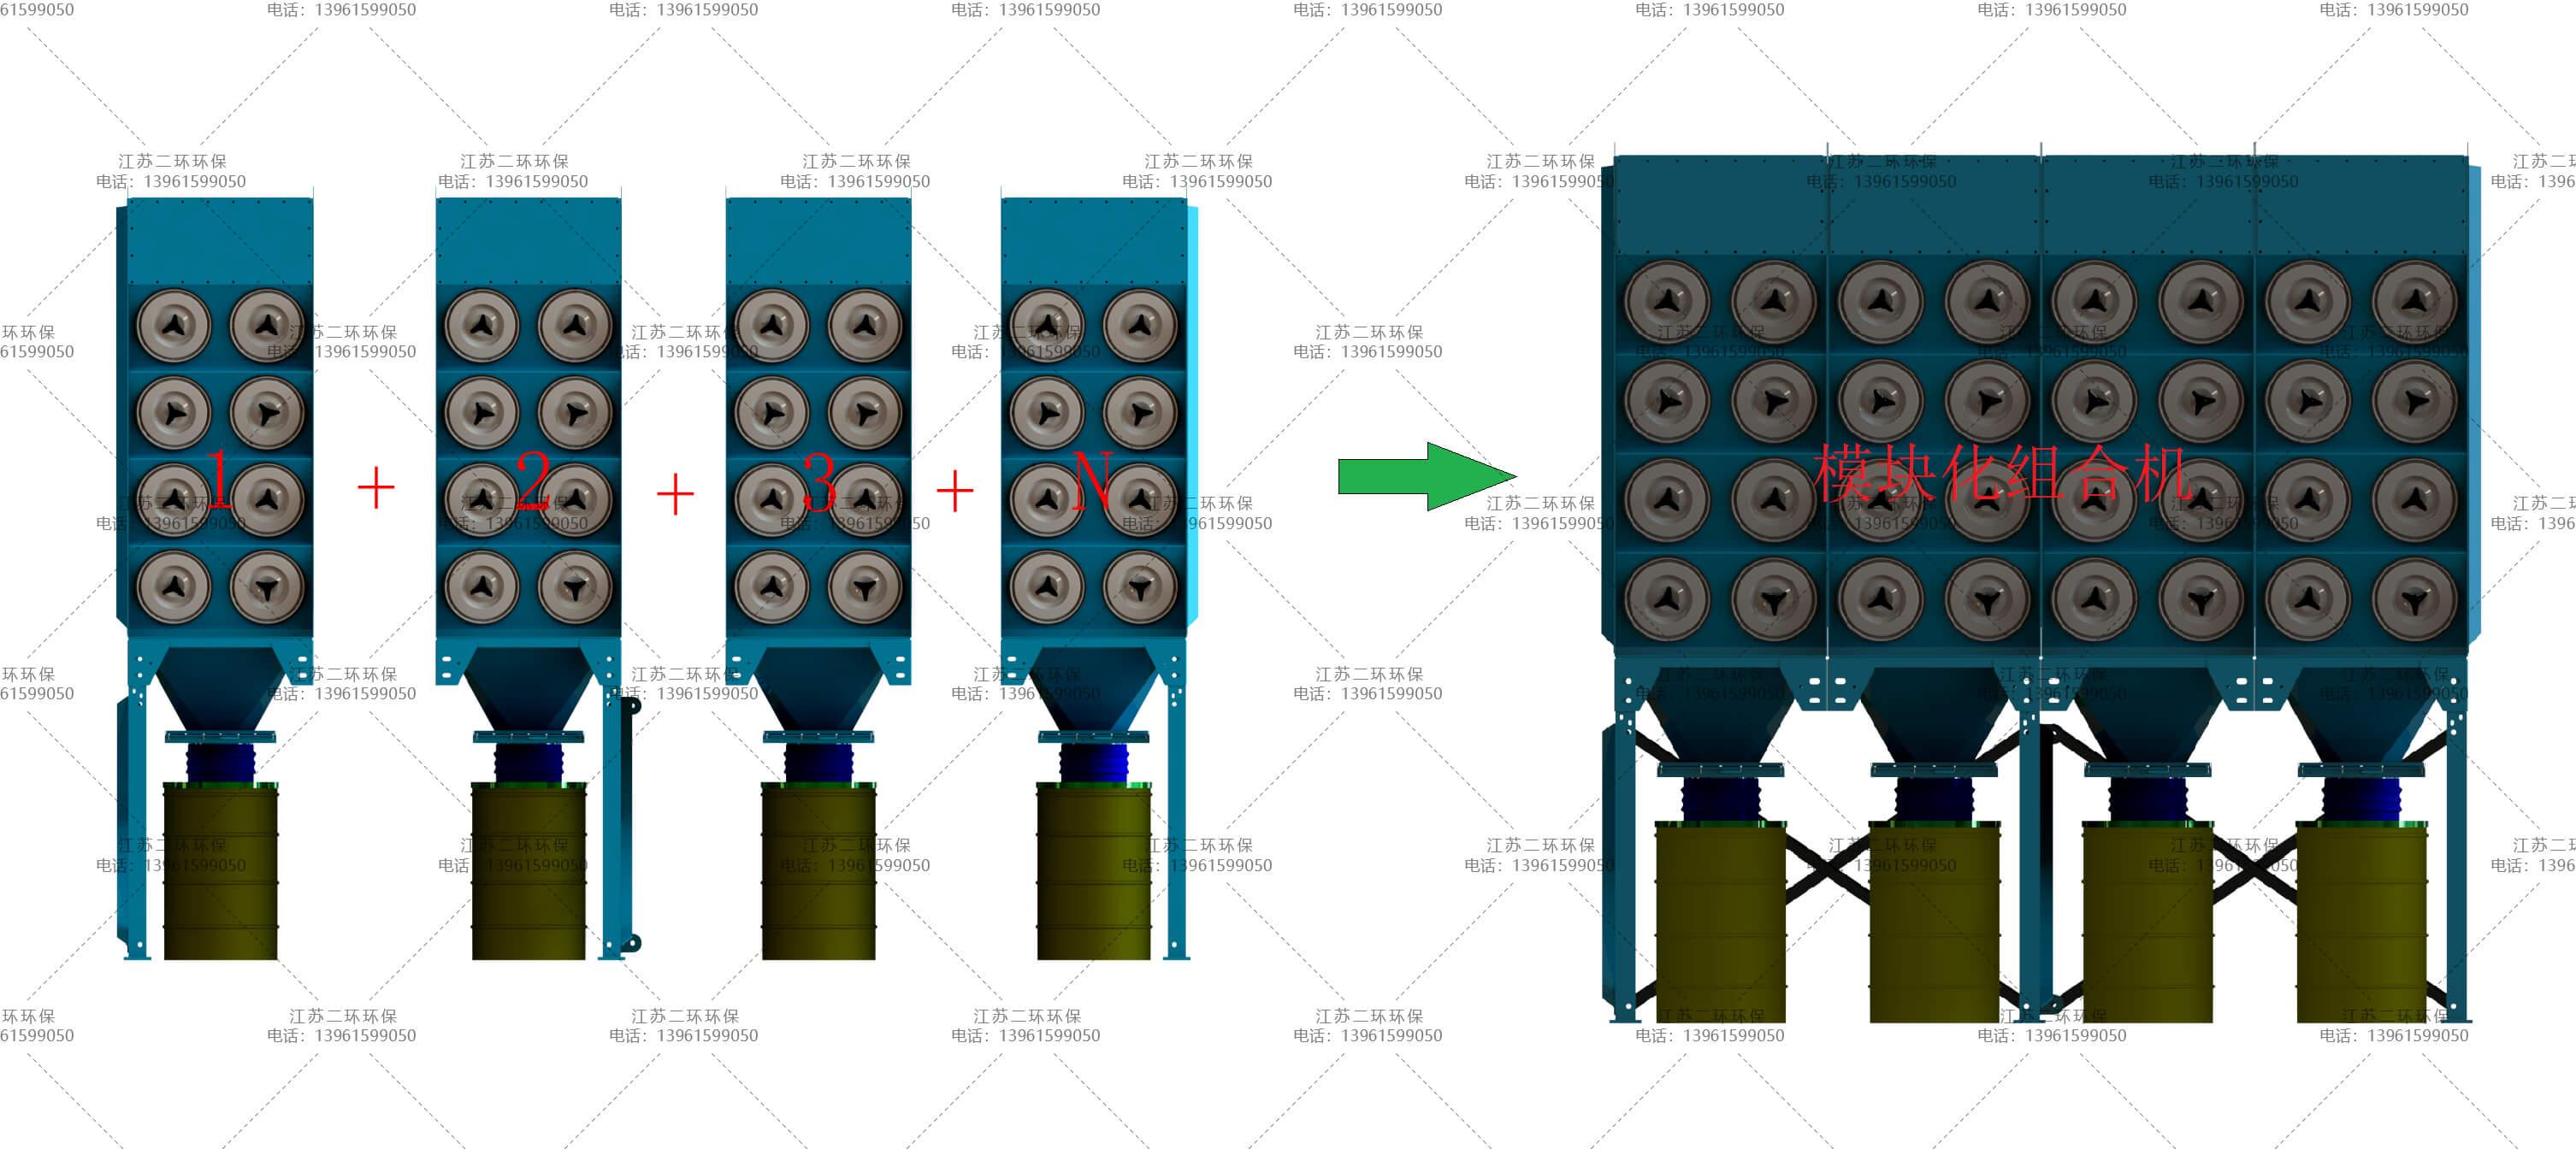 resource/images/b743fcf1c68543448e853ab8a98b1221_16.jpg